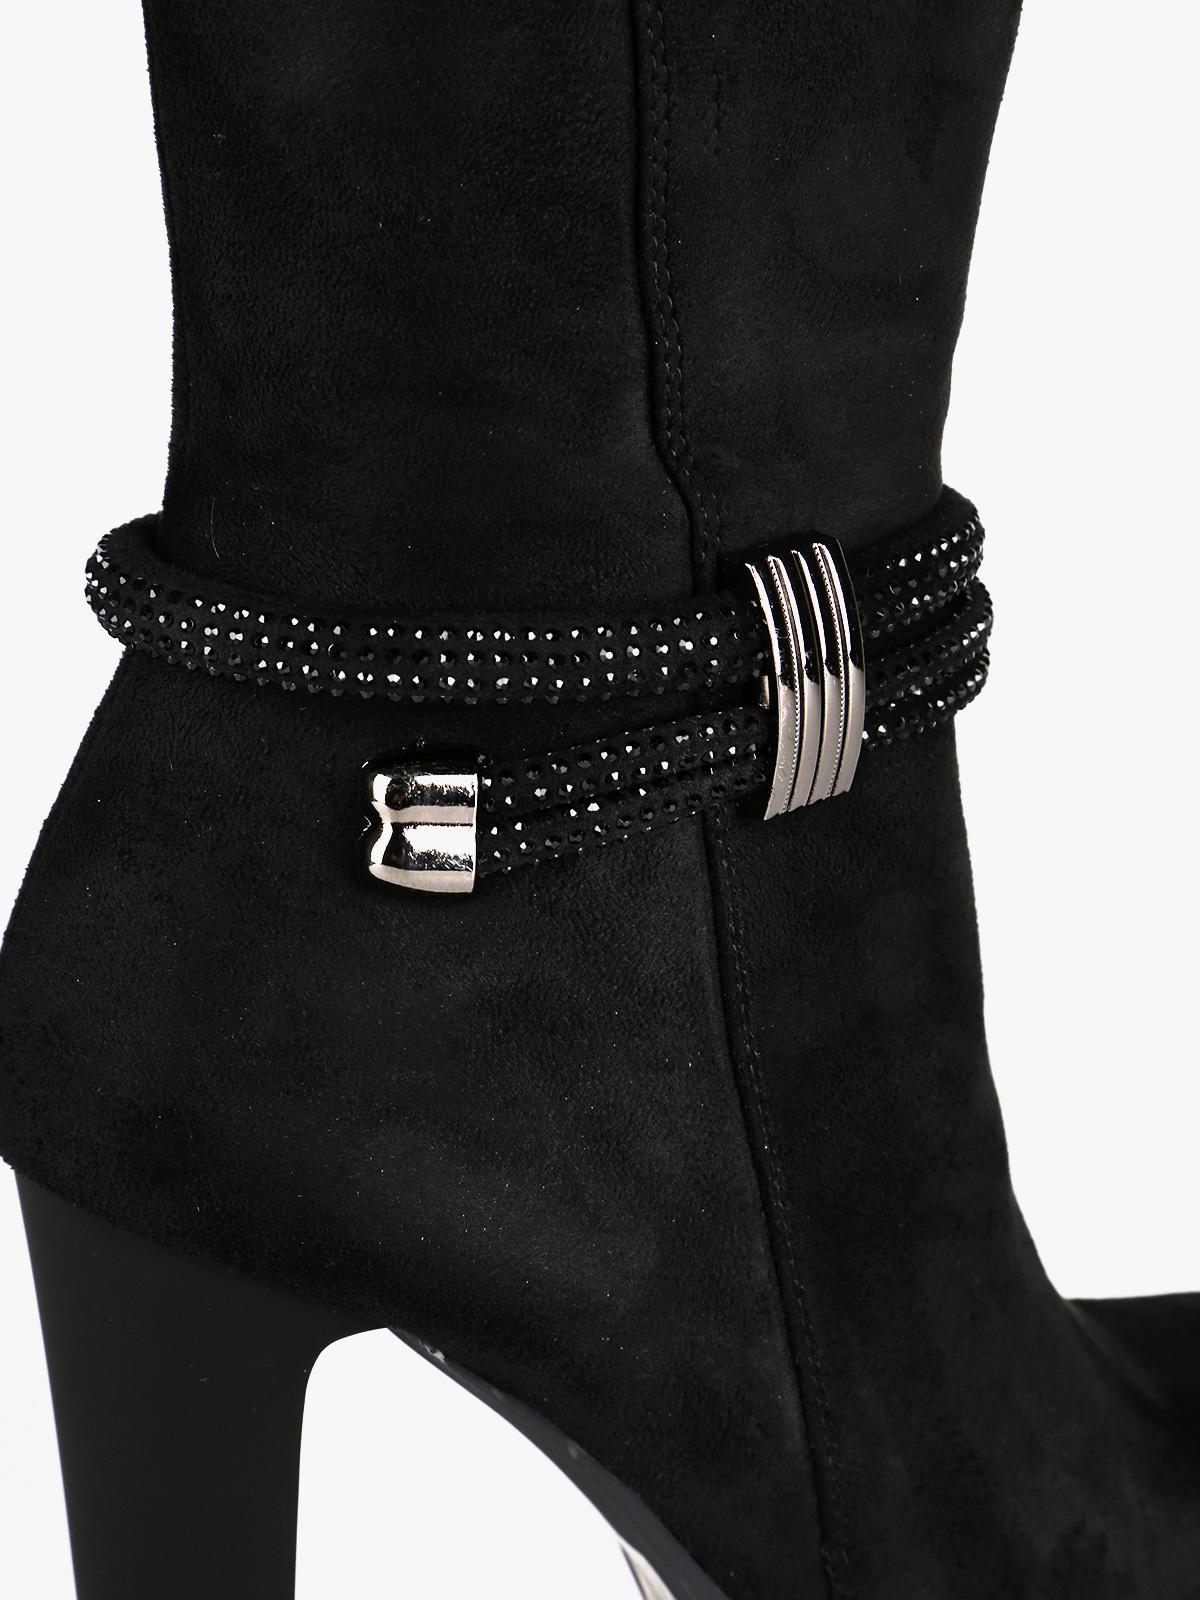 Stivali scamosciati con tacco alto braccialini | MecShopping